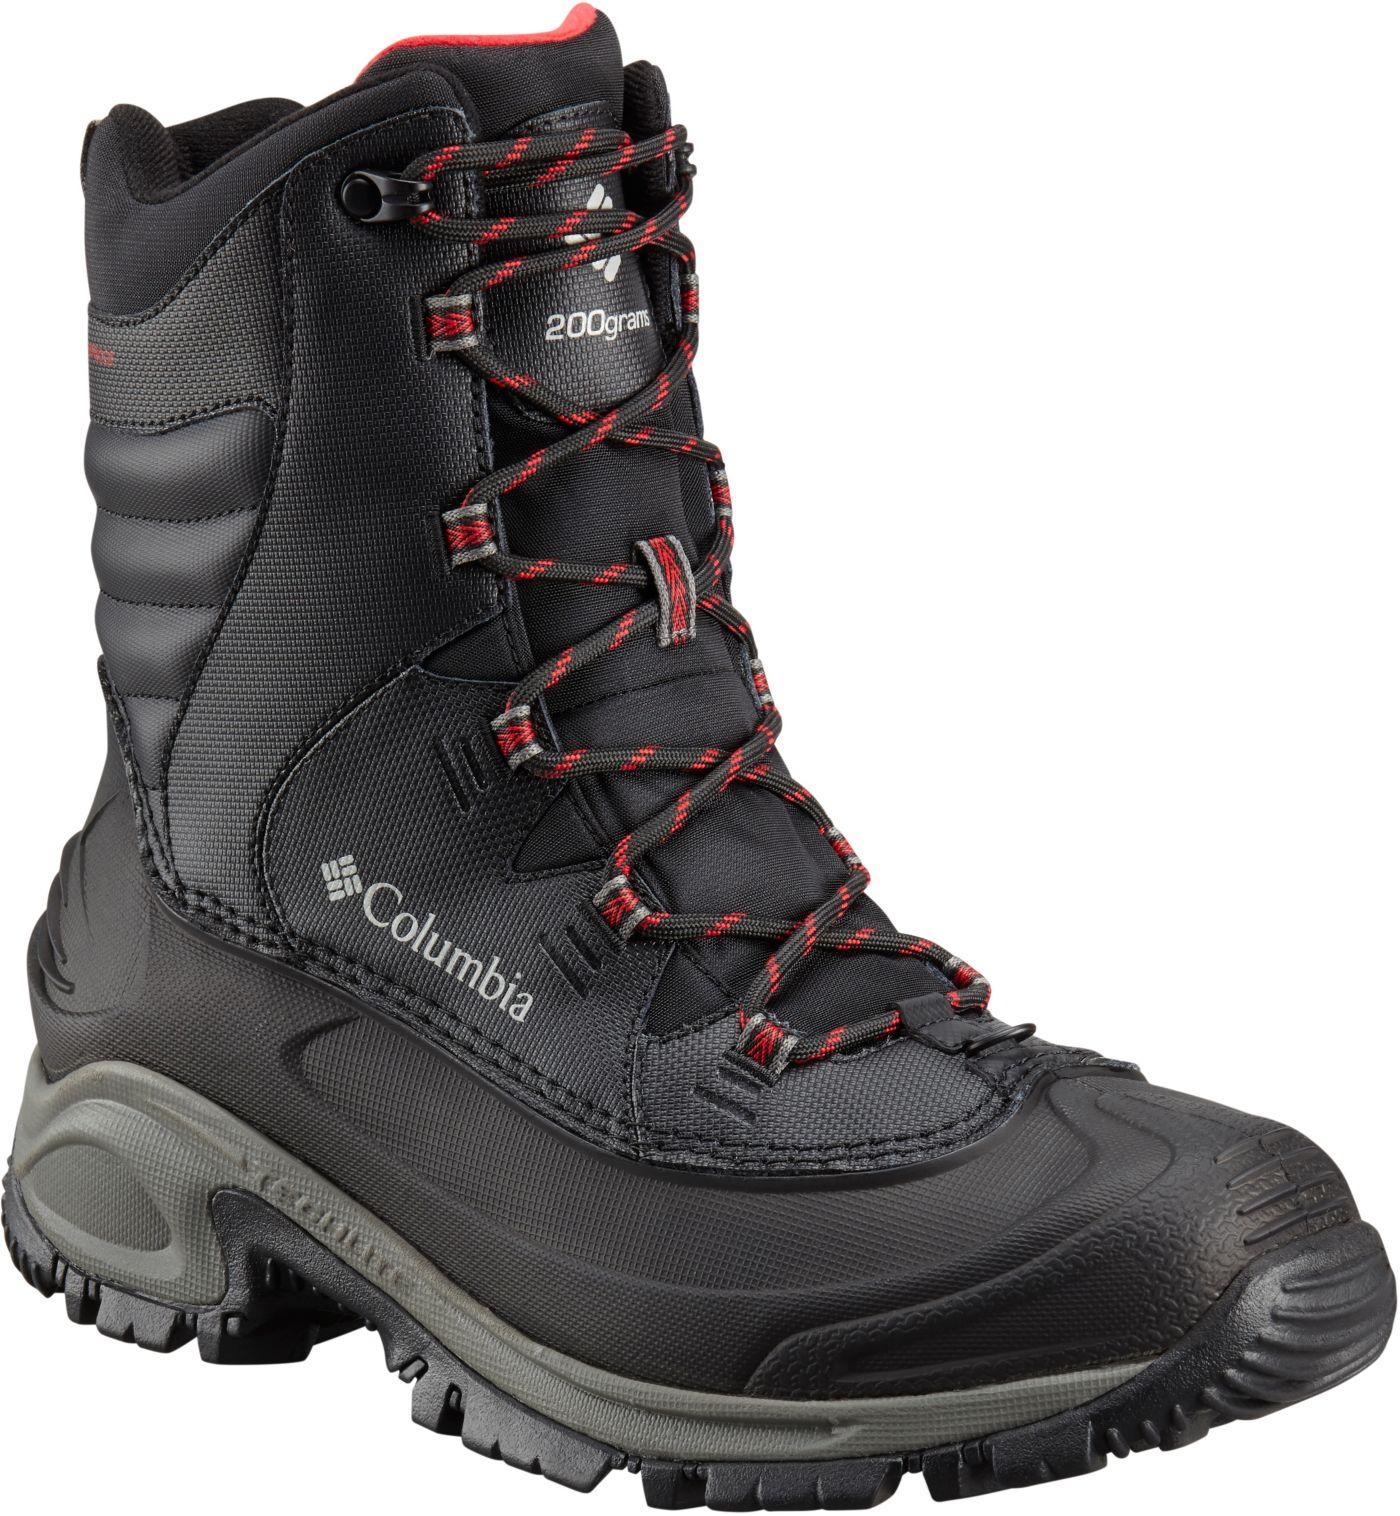 Columbia Men's Bugaboot III 200g Waterproof Winter Boots